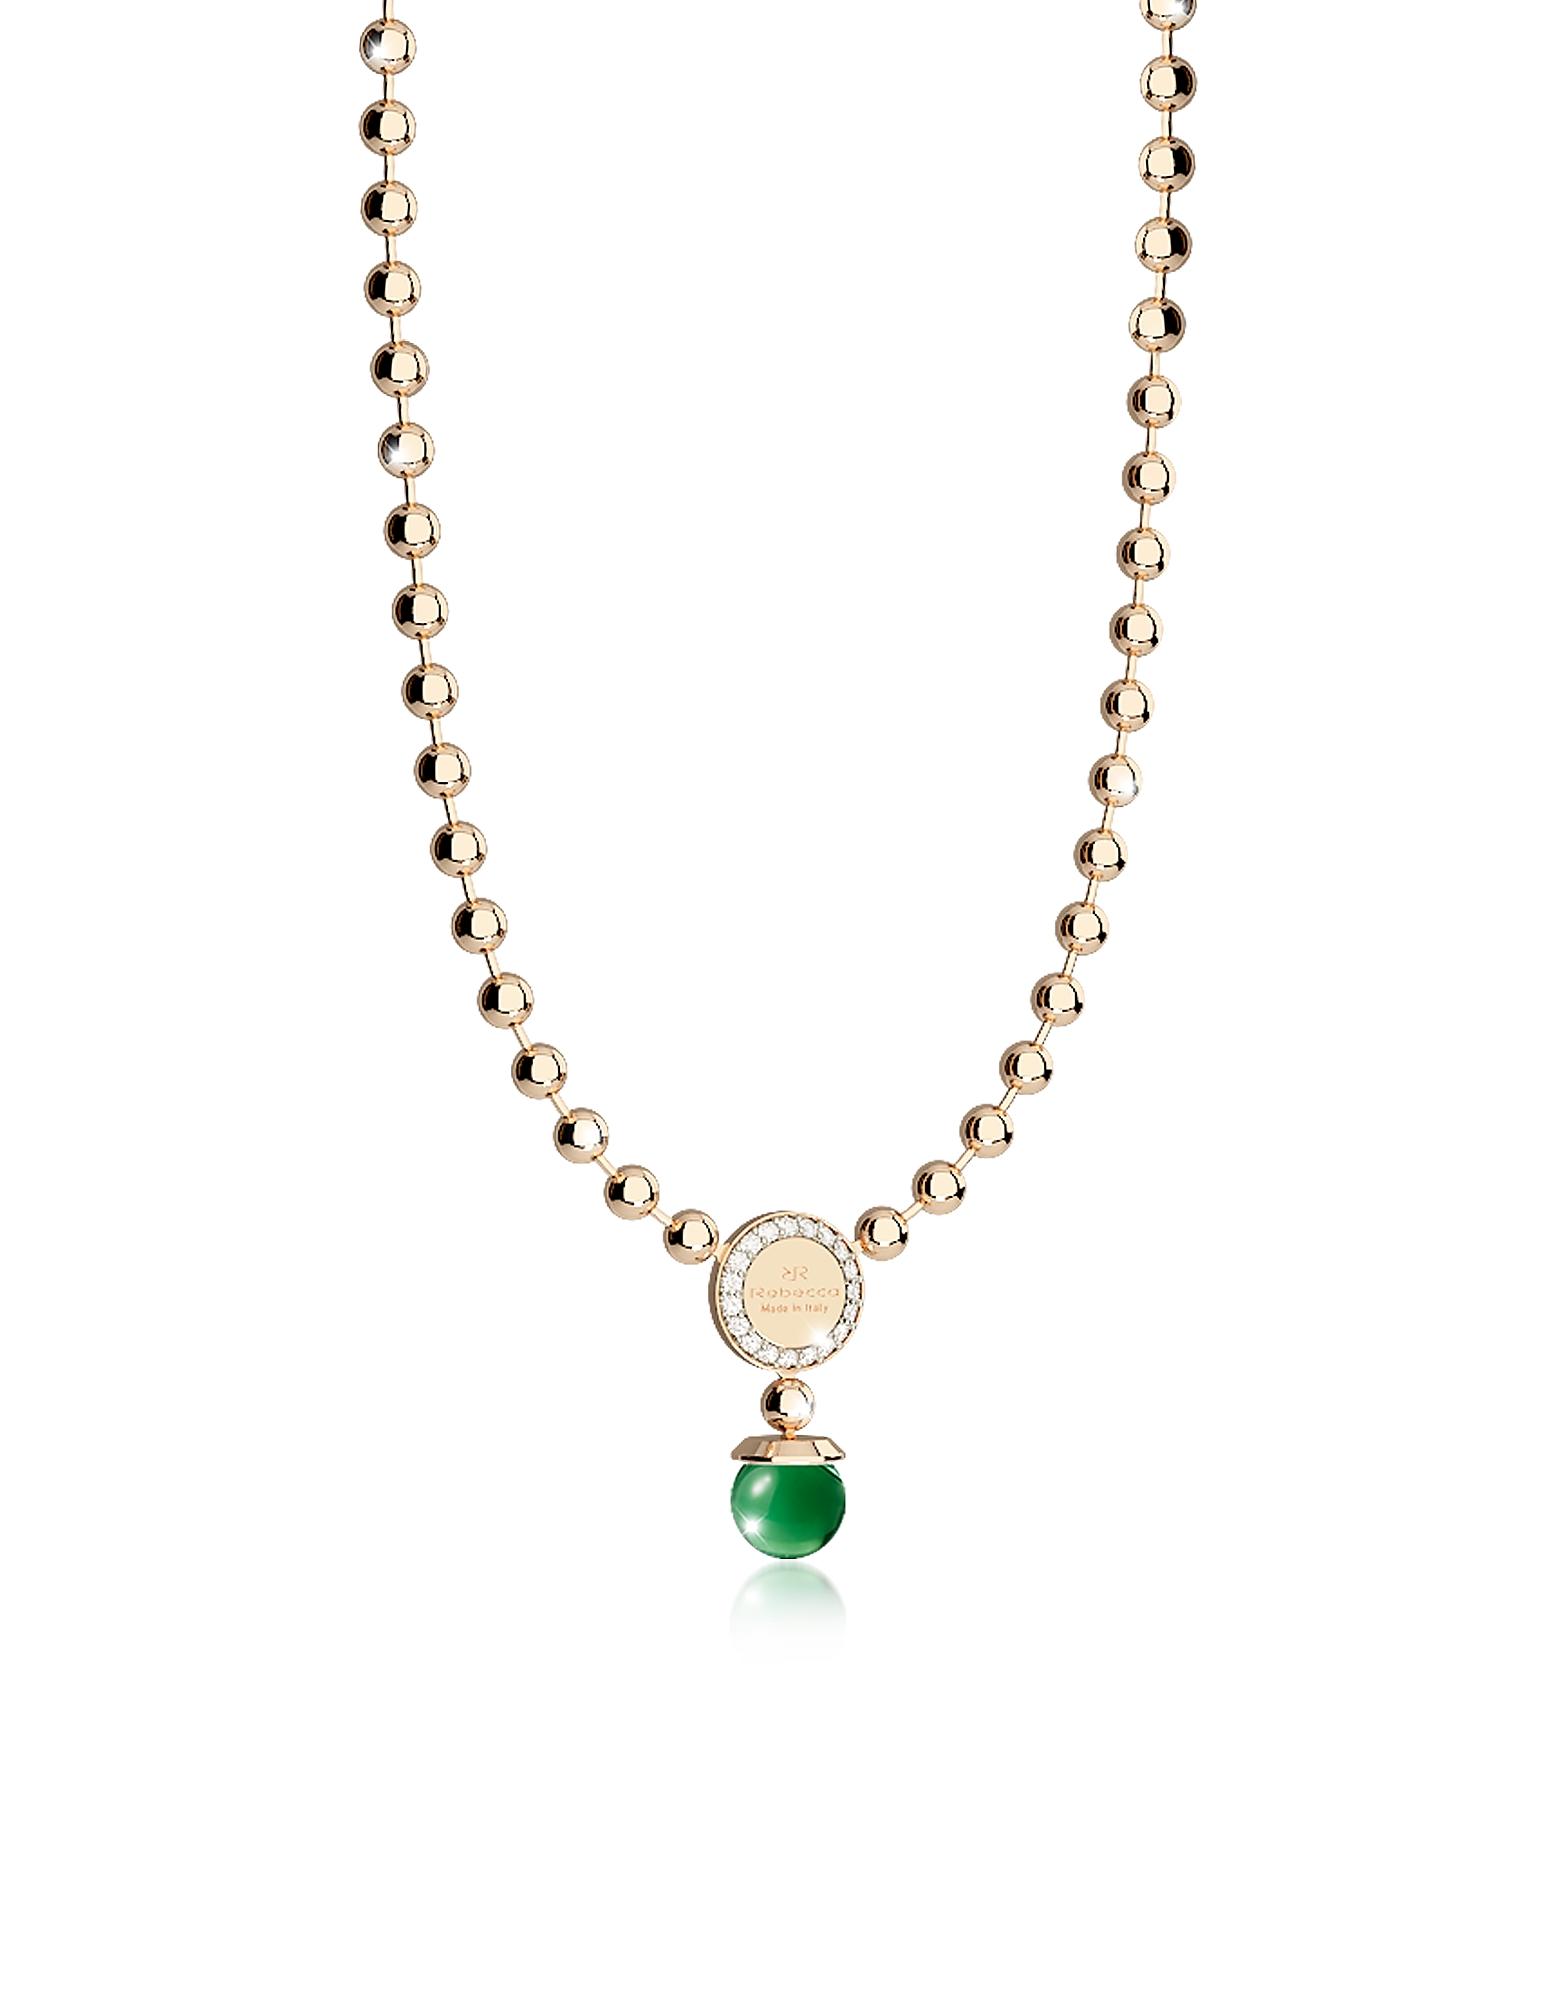 Boulevard Stone - Позолоченное Ожерелье из Бронзы с Зелеными Гидротермальными Камнями